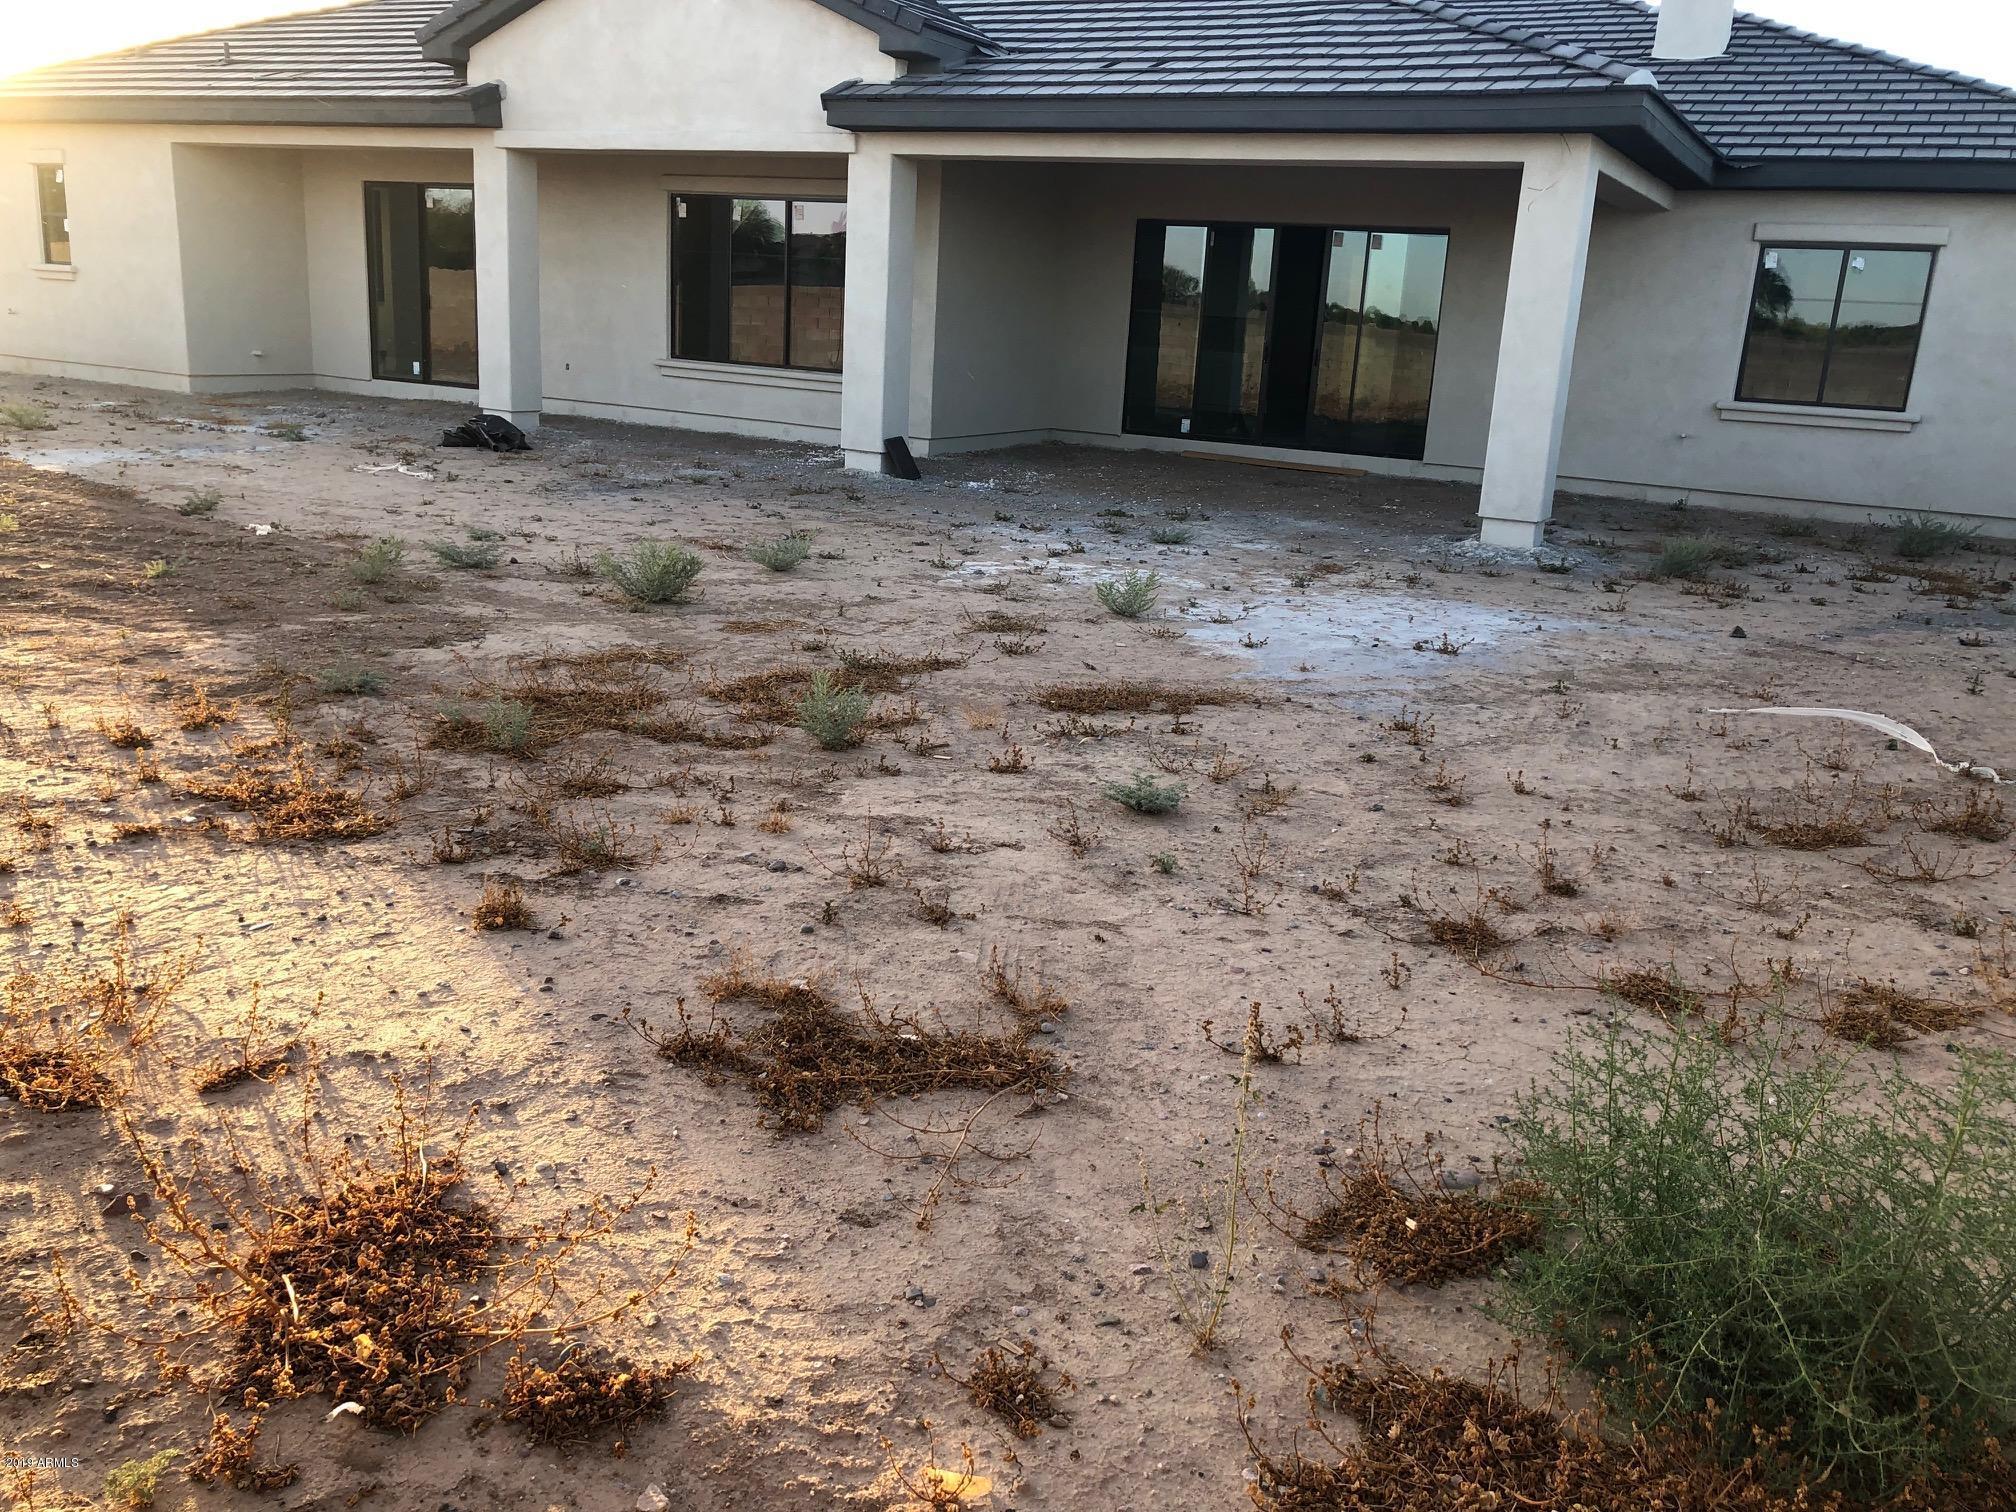 MLS 5912879 2821 E GRAND CANYON Court, Chandler, AZ 85249 Newly Built